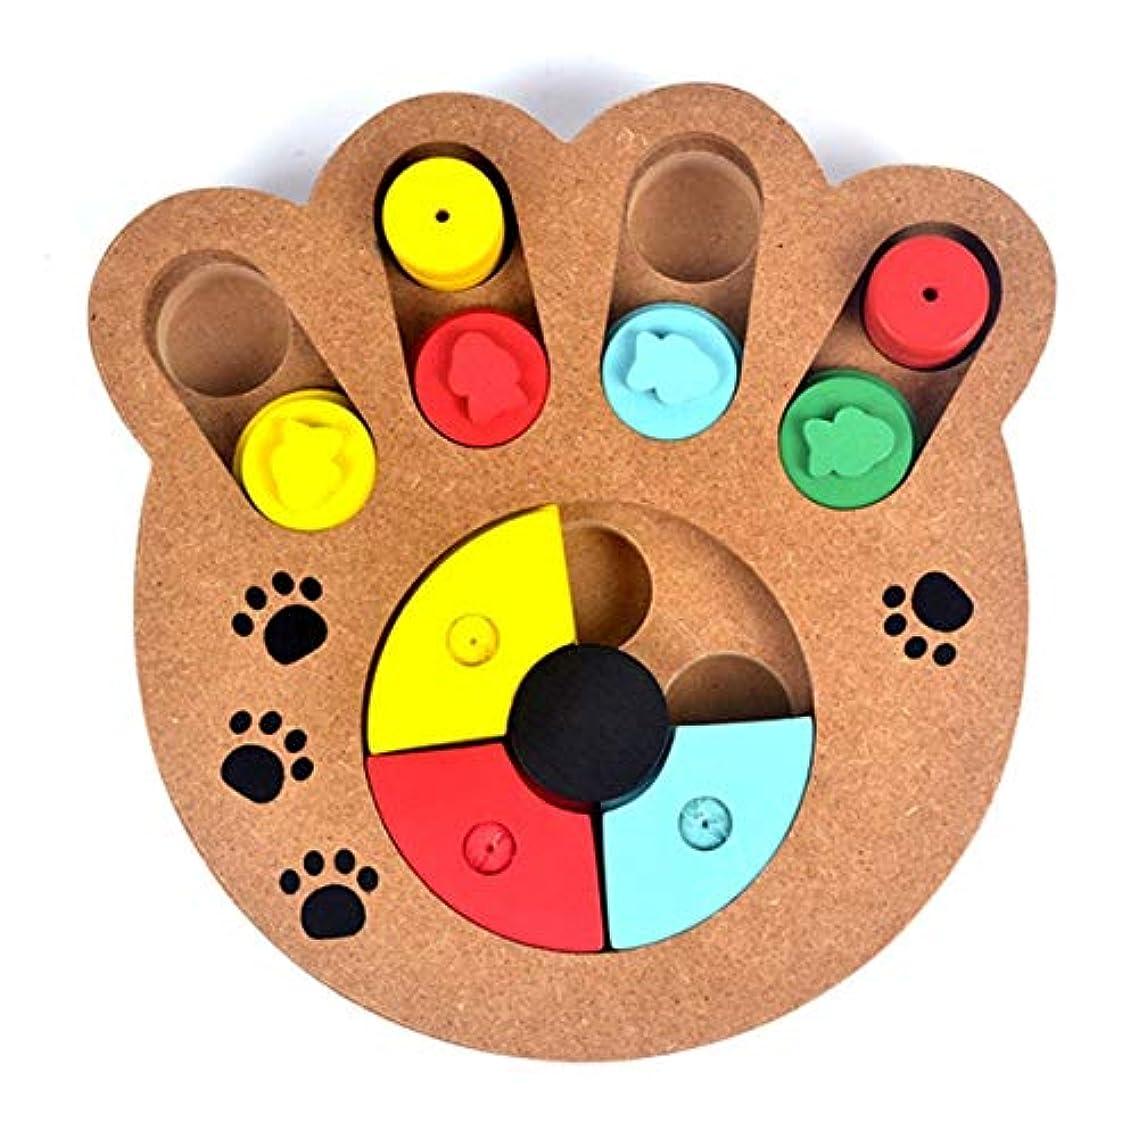 リンス尊厳繊維Saikogoods 多機能の自然食品は 子犬犬猫ペット用品のための木製教育ポウパズルインタラクティブ玩具扱い マルチカラーミックス